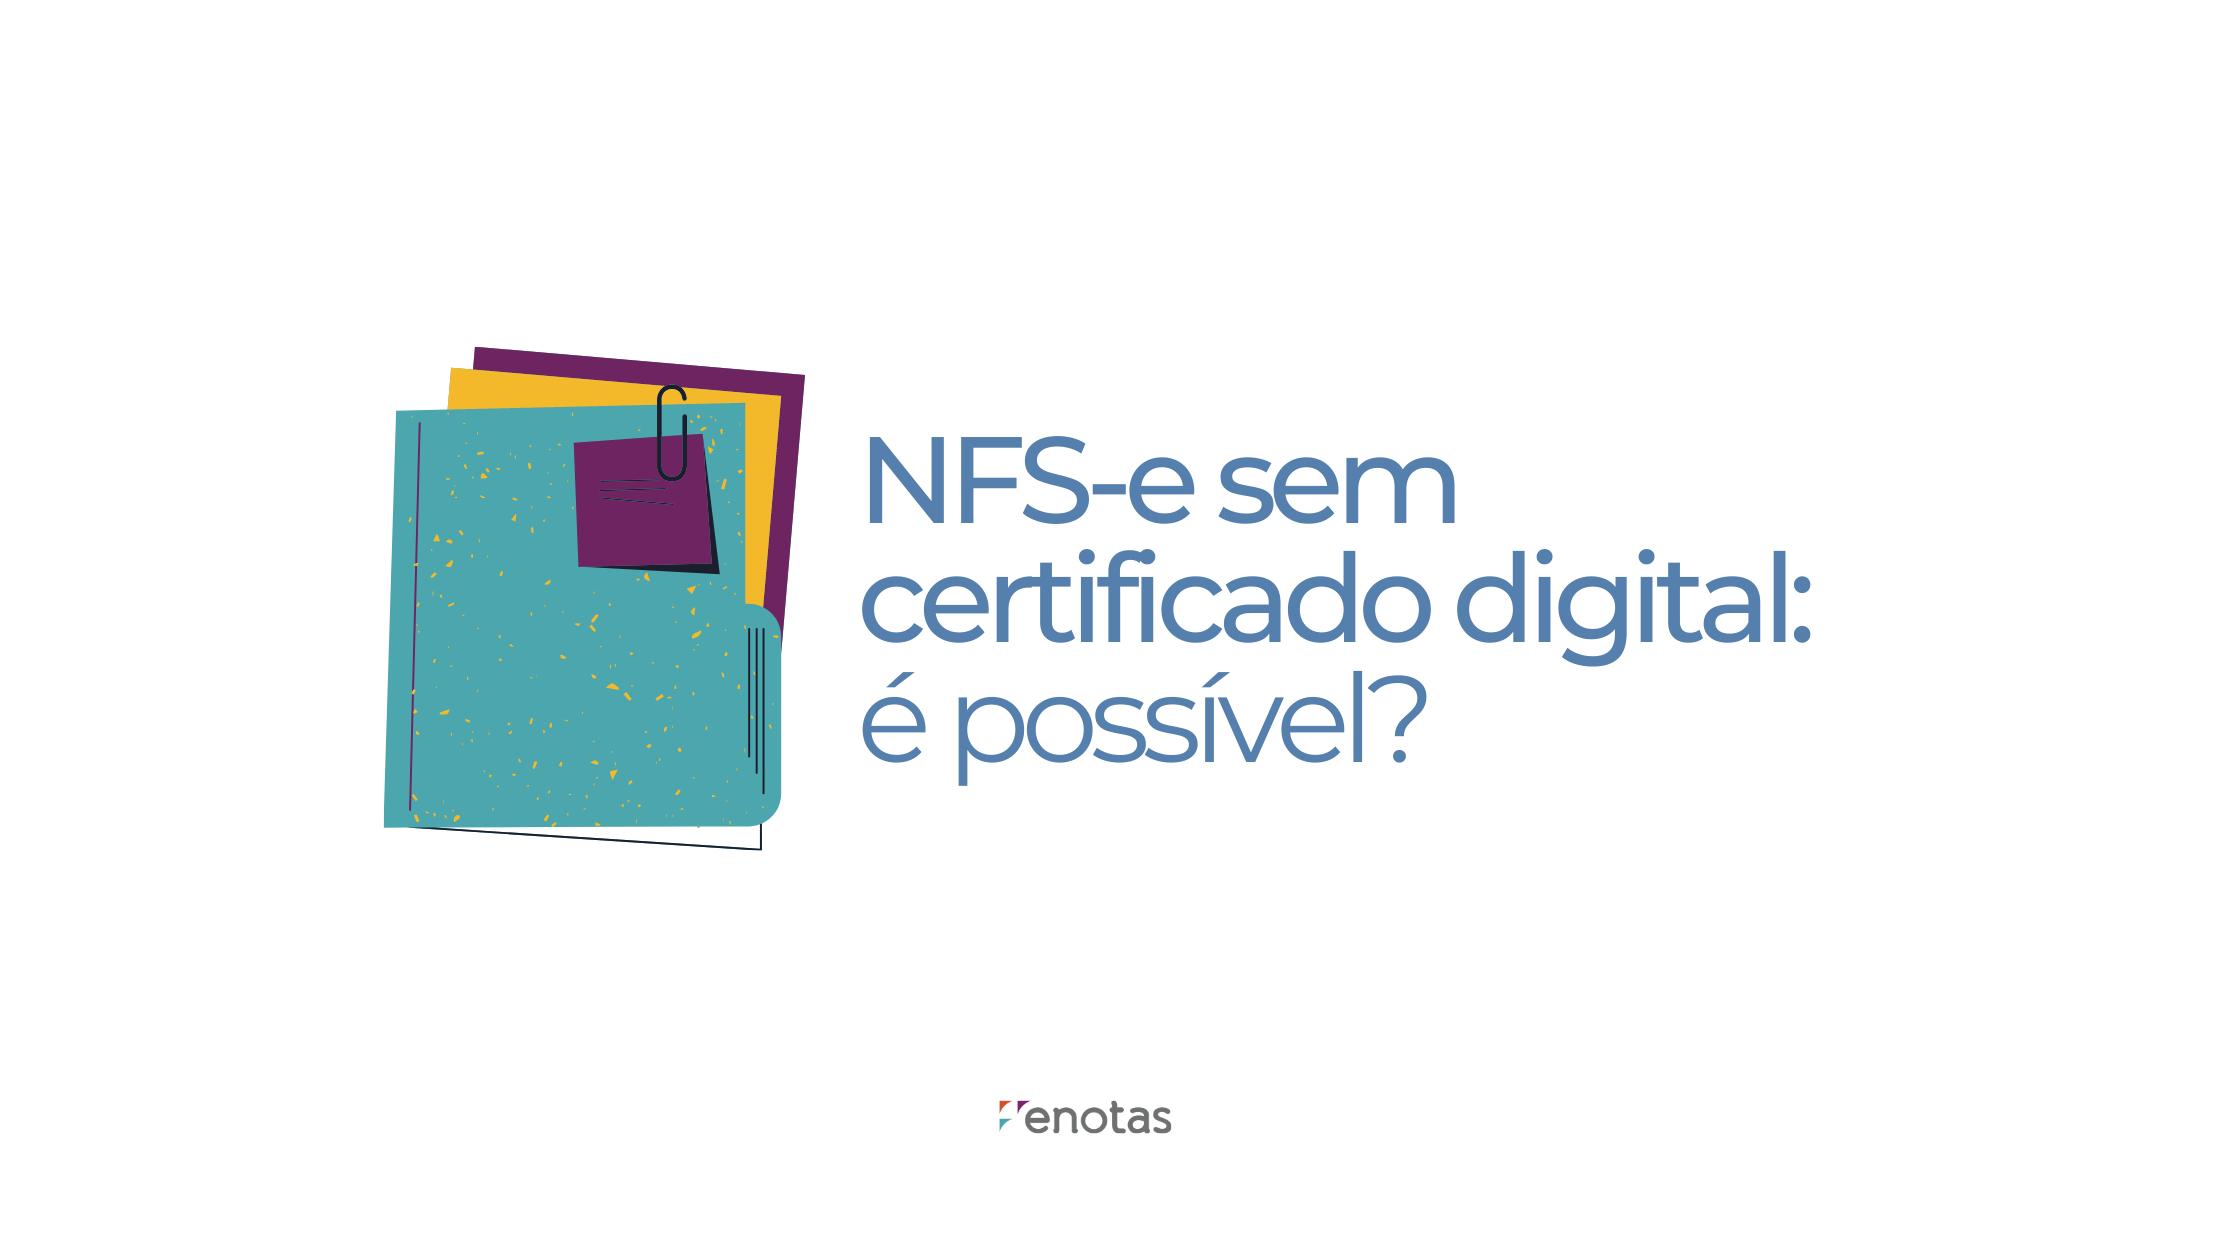 nfse sem certificado digital